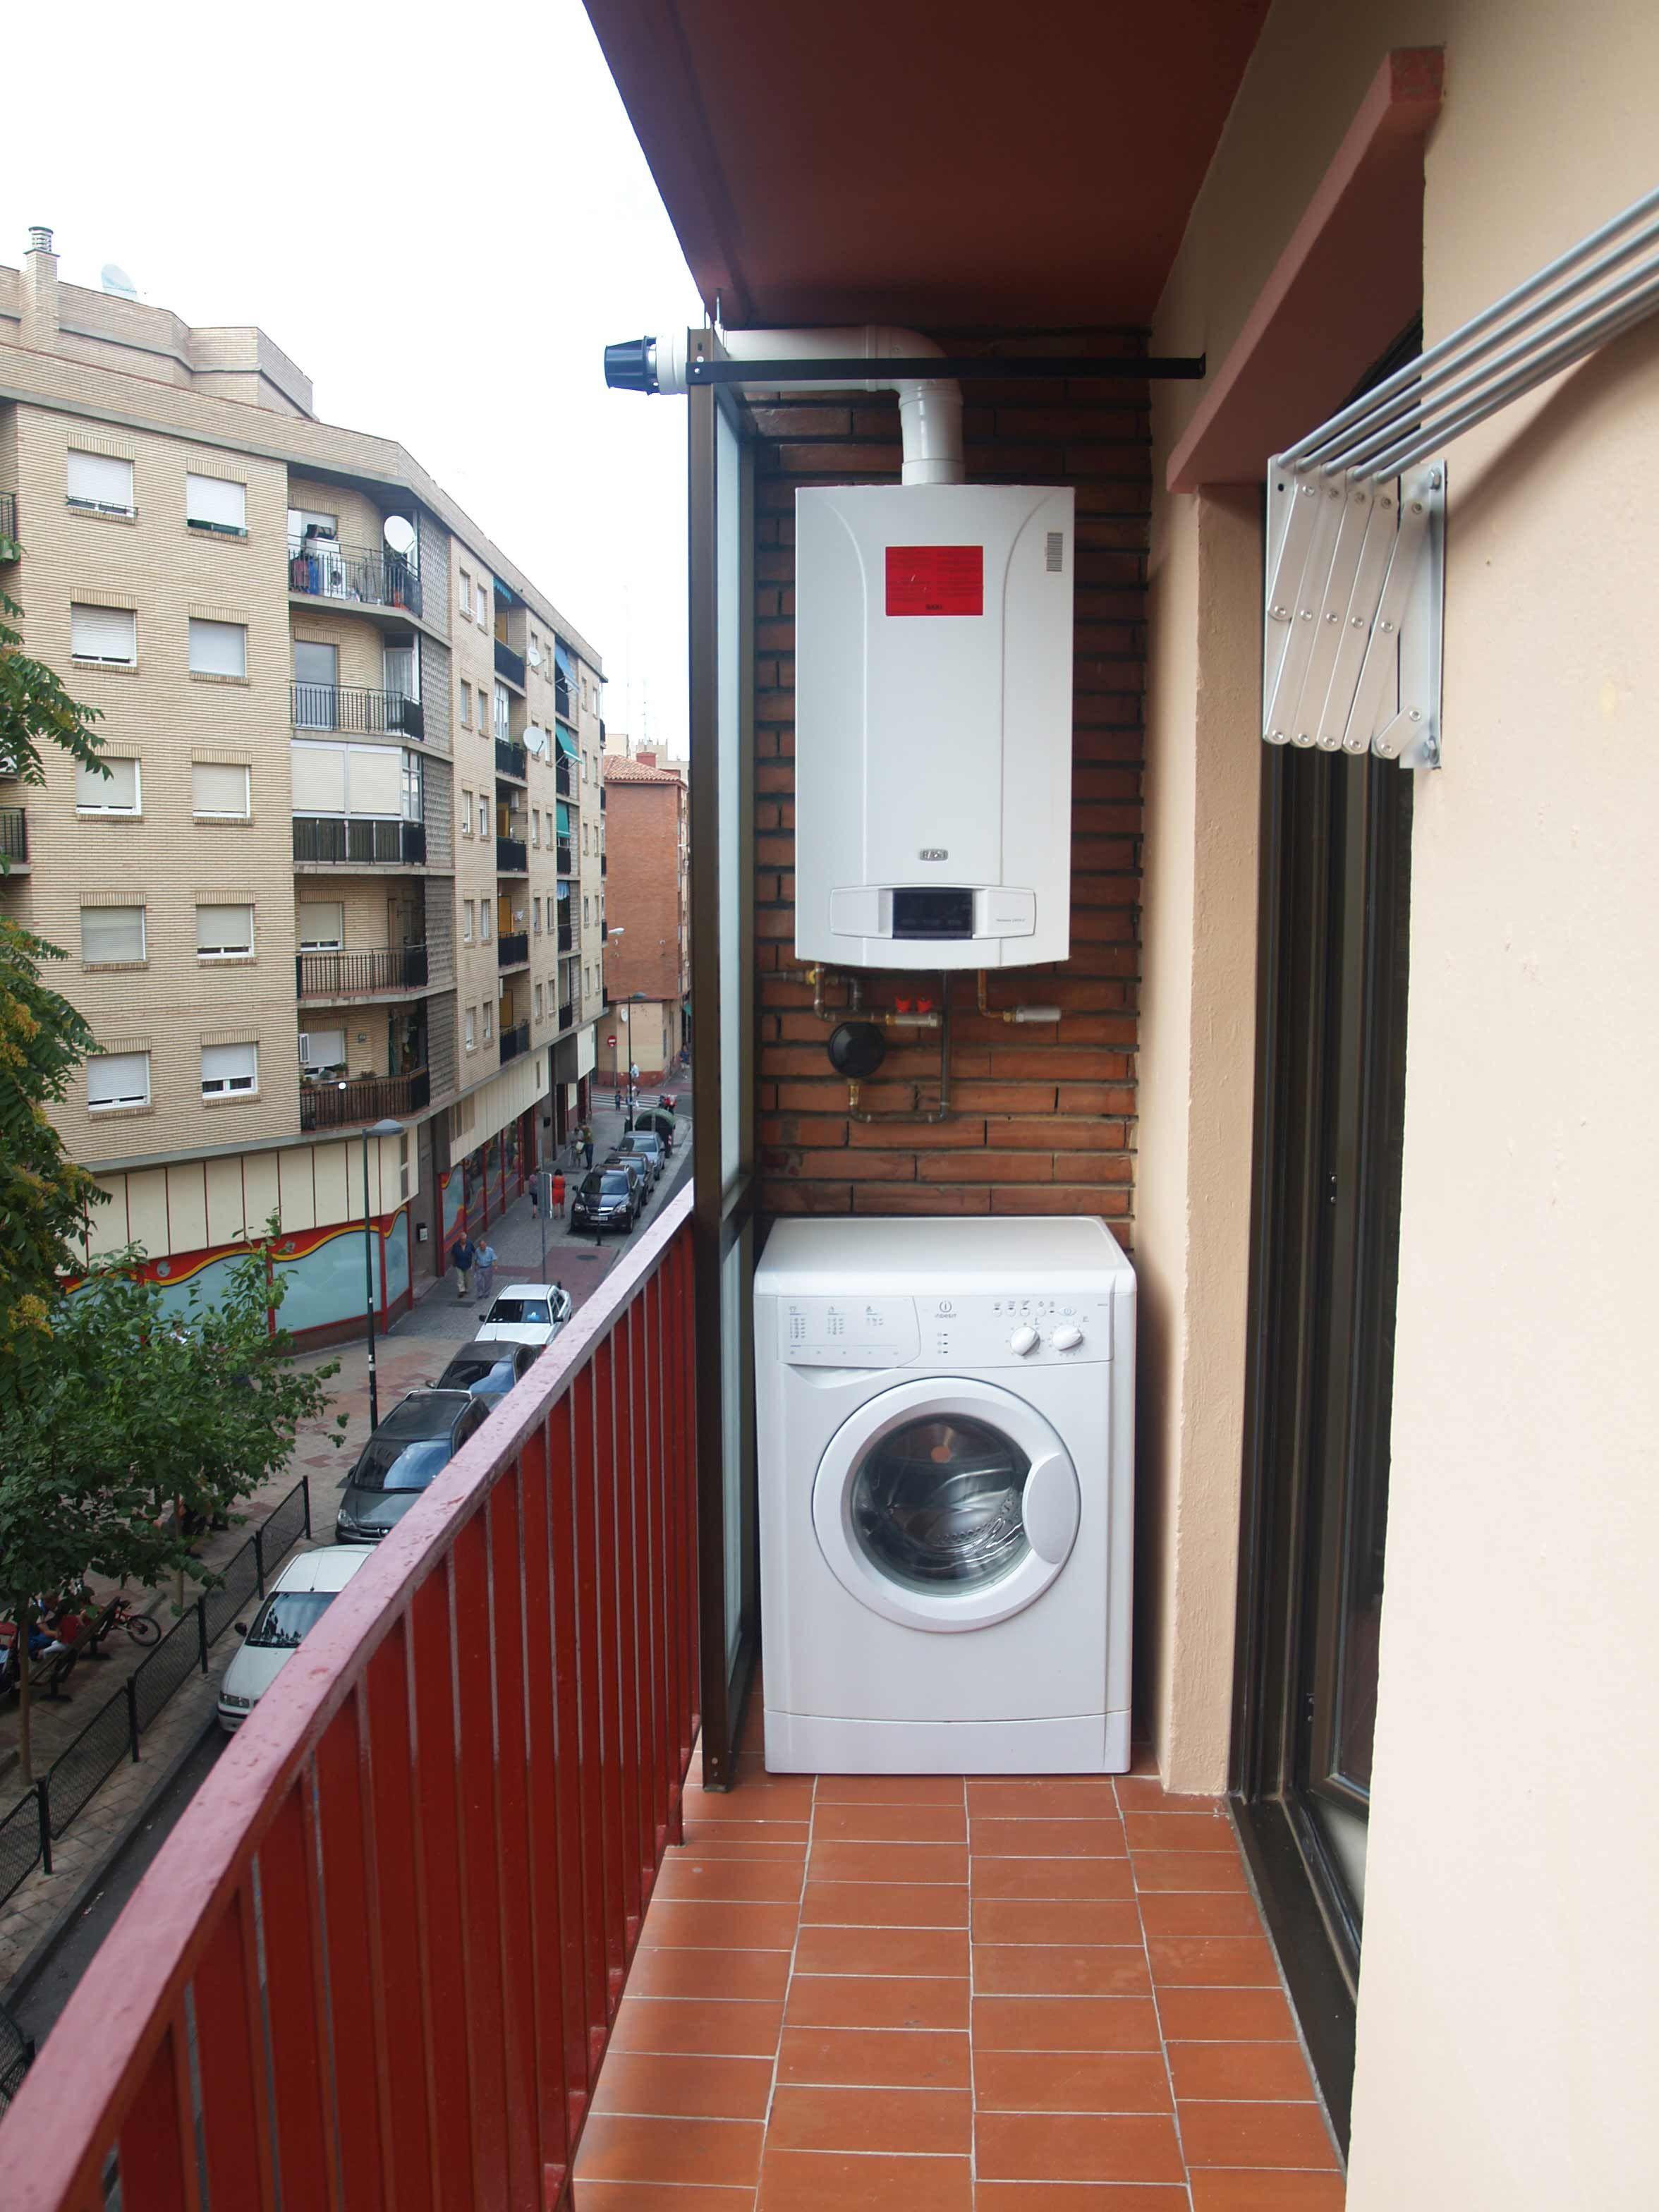 La terraza donde se encuentra la caldera y la lavadora for Reformar bano zaragoza